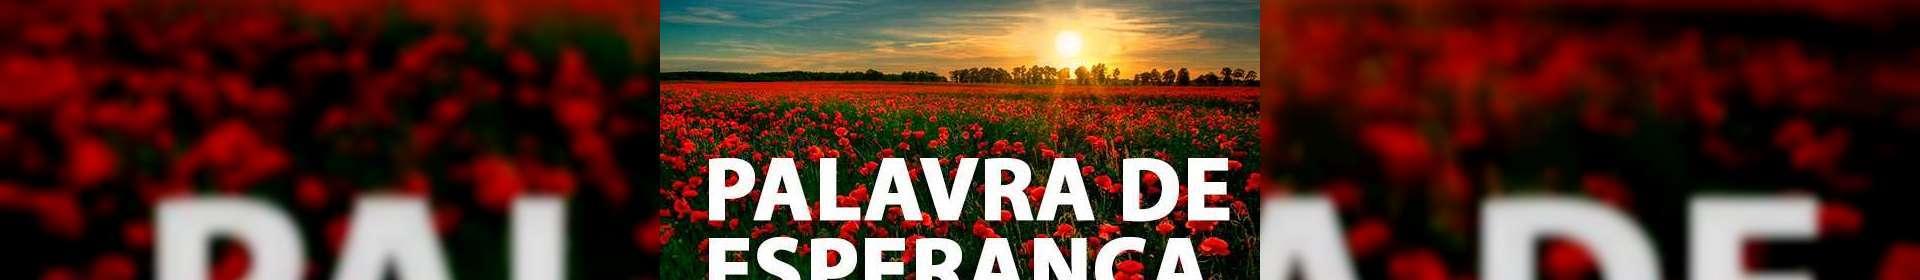 Hebreus 11:3 - Uma Palavra de Esperança para sua vida